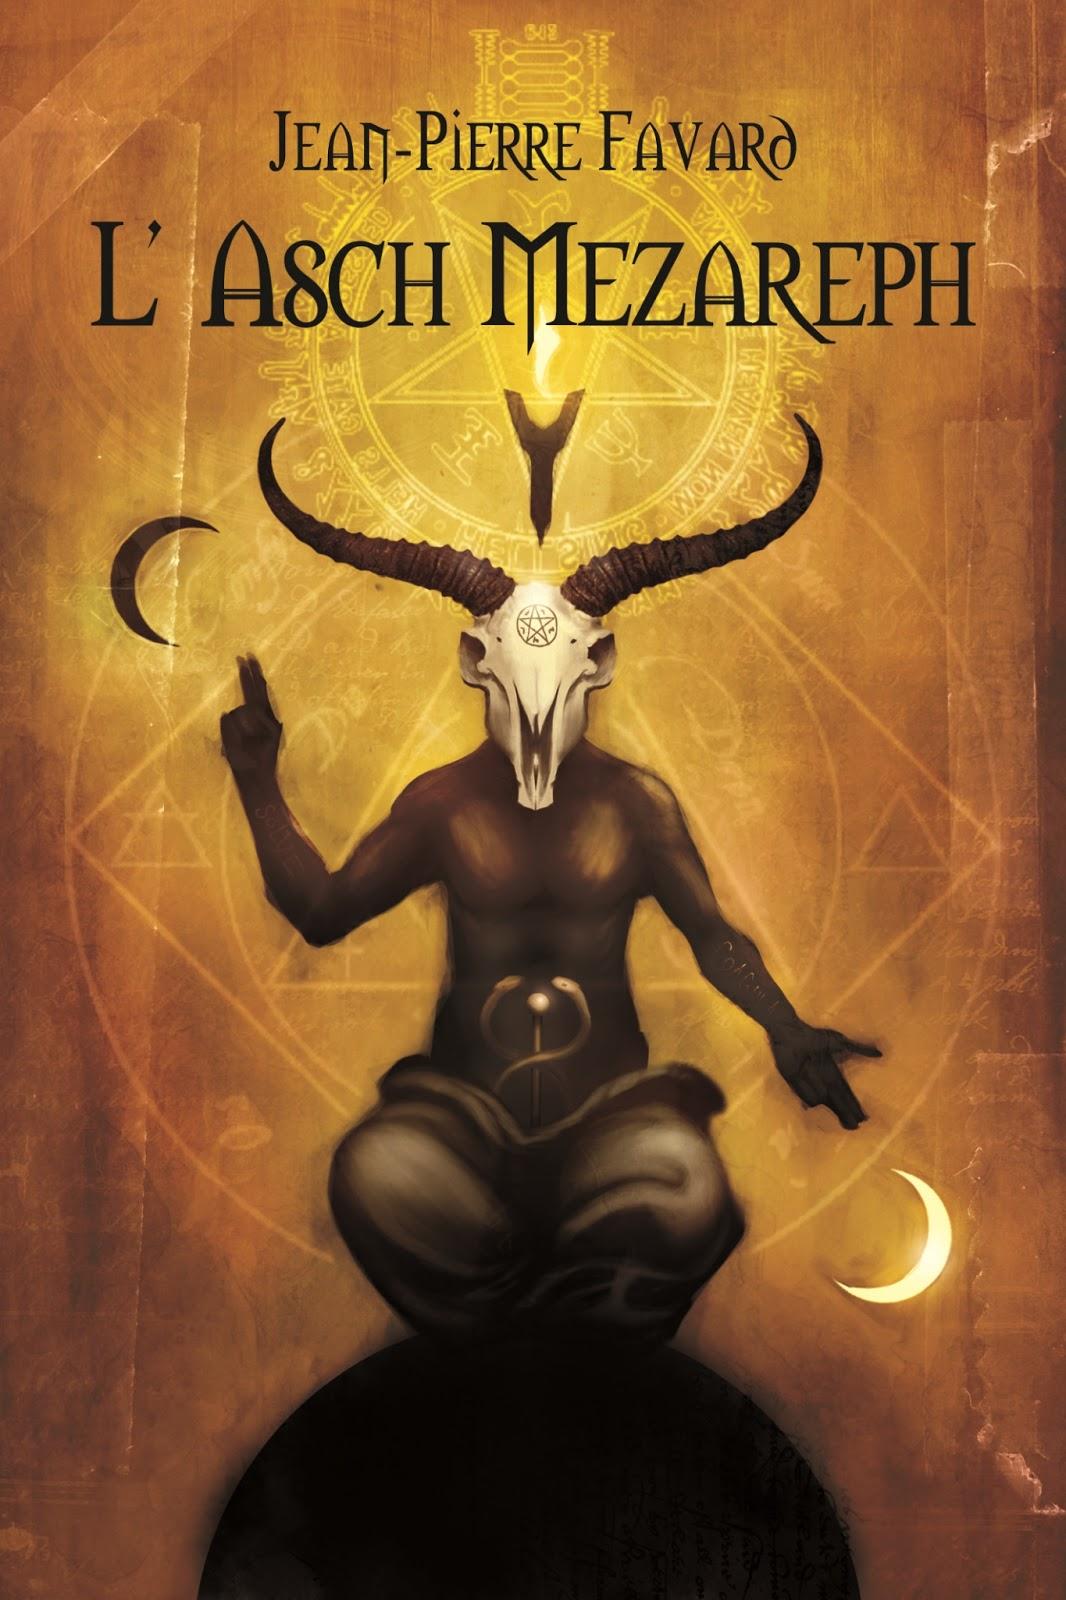 « L'Asch Mezareph », une plongée dans la Bourgogne alchimique